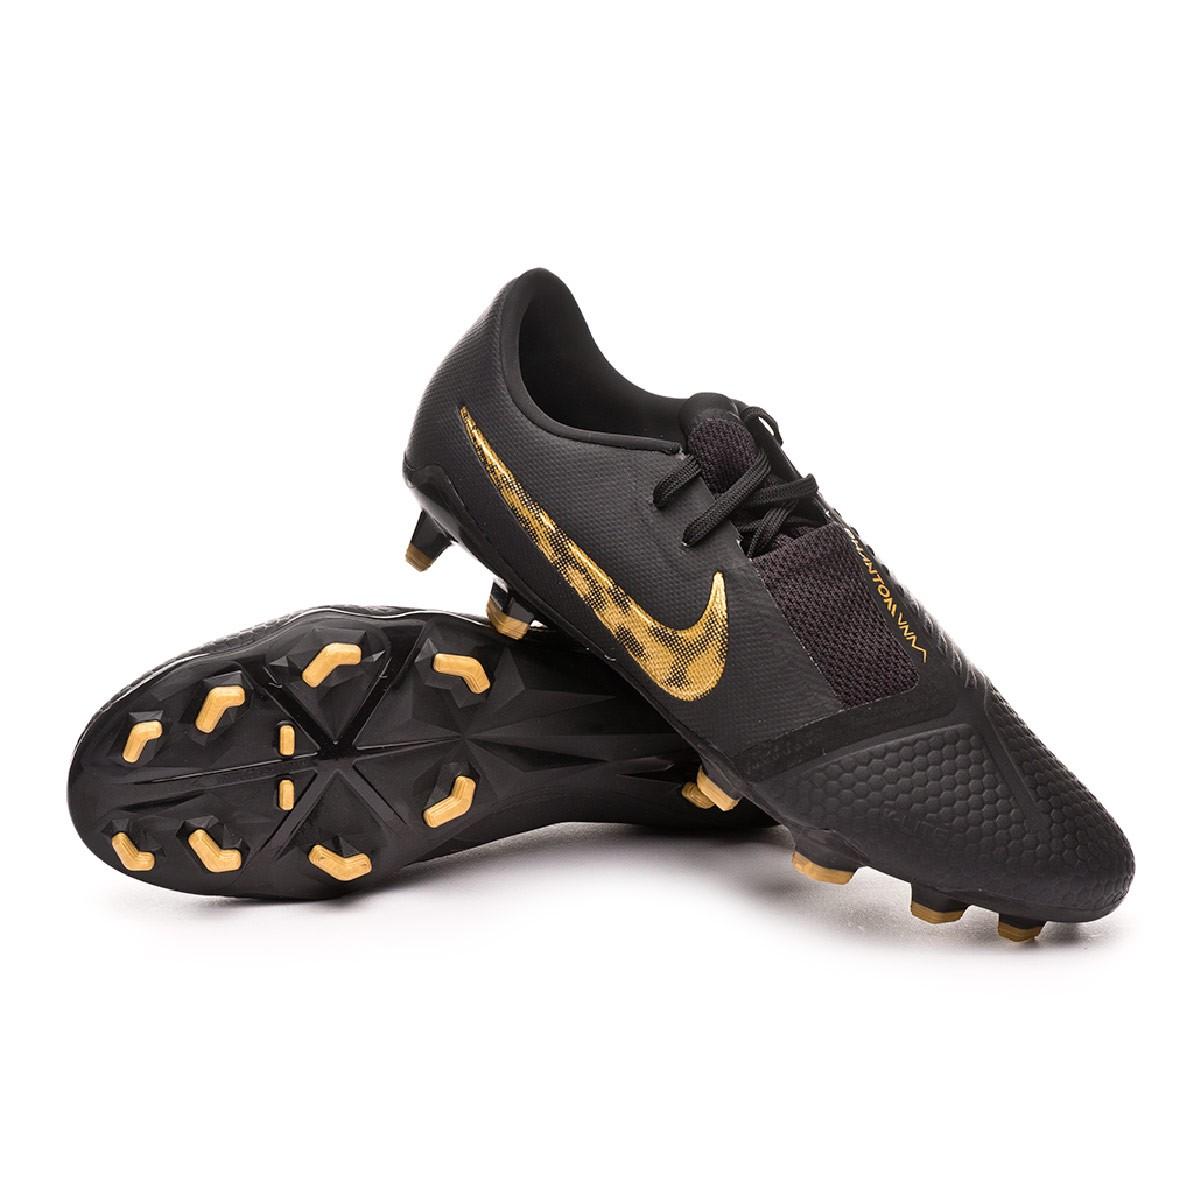 Football Boots Nike Phantom Venom Pro